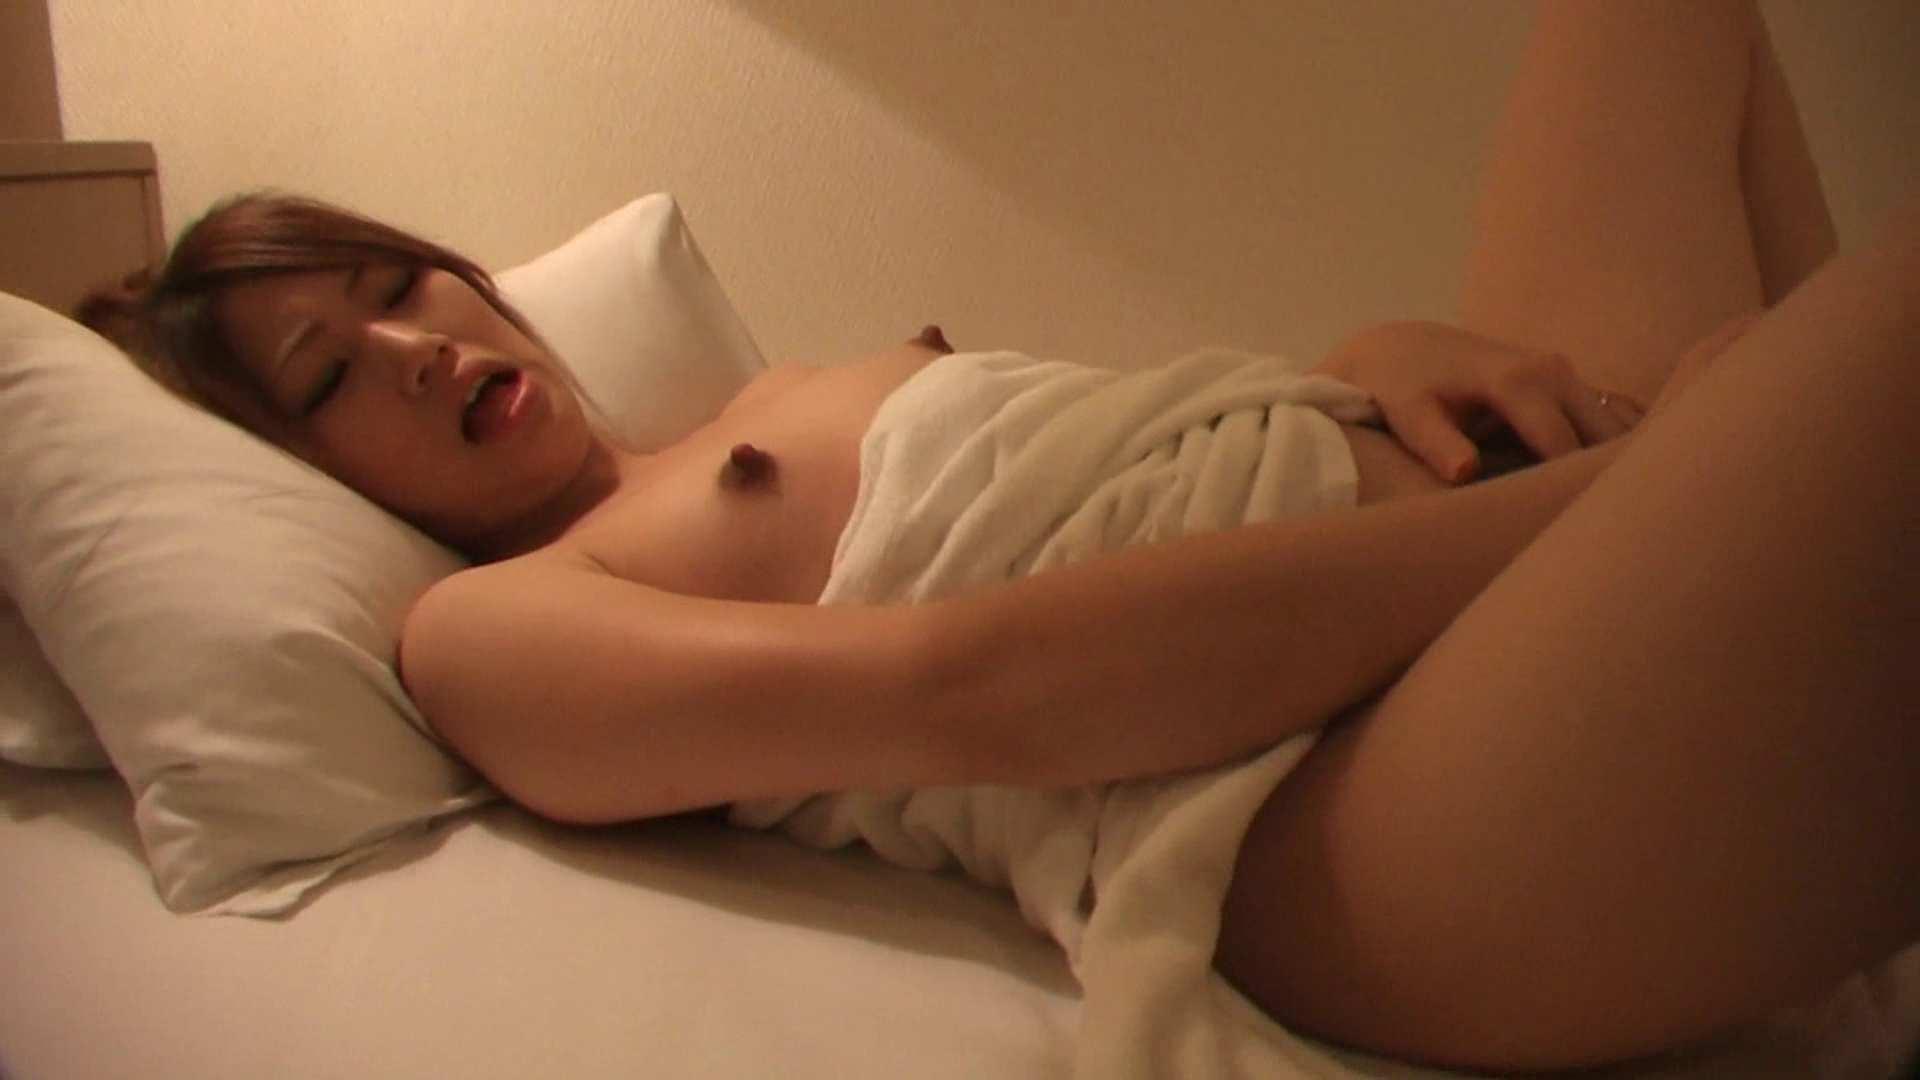 投稿素人 若妻妊婦19歳みさと 一般投稿 盗み撮り動画 68pic 44